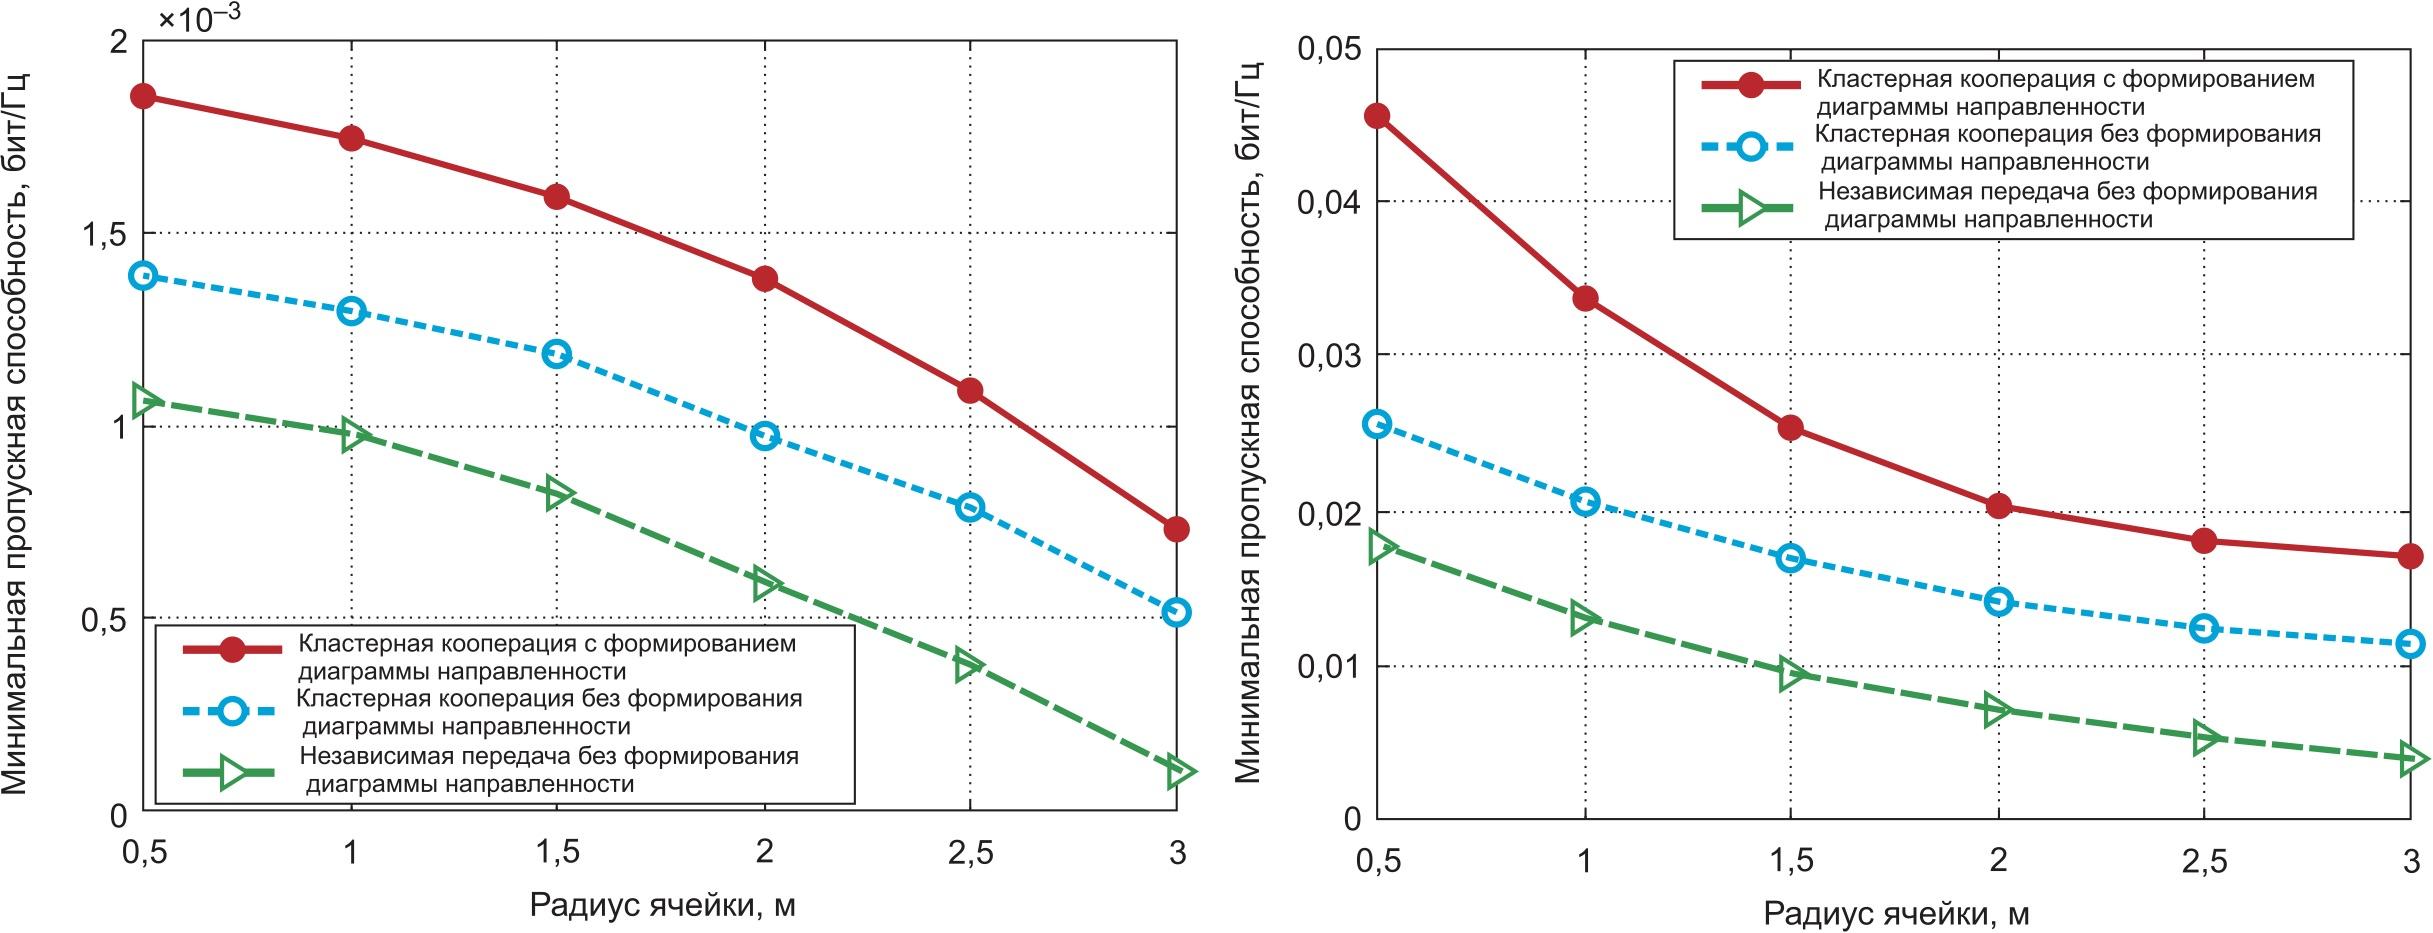 Сравнение по производительности различных схем передачи данных при фиксированном значении d = 6 м и изменяемом радиусе r кластера